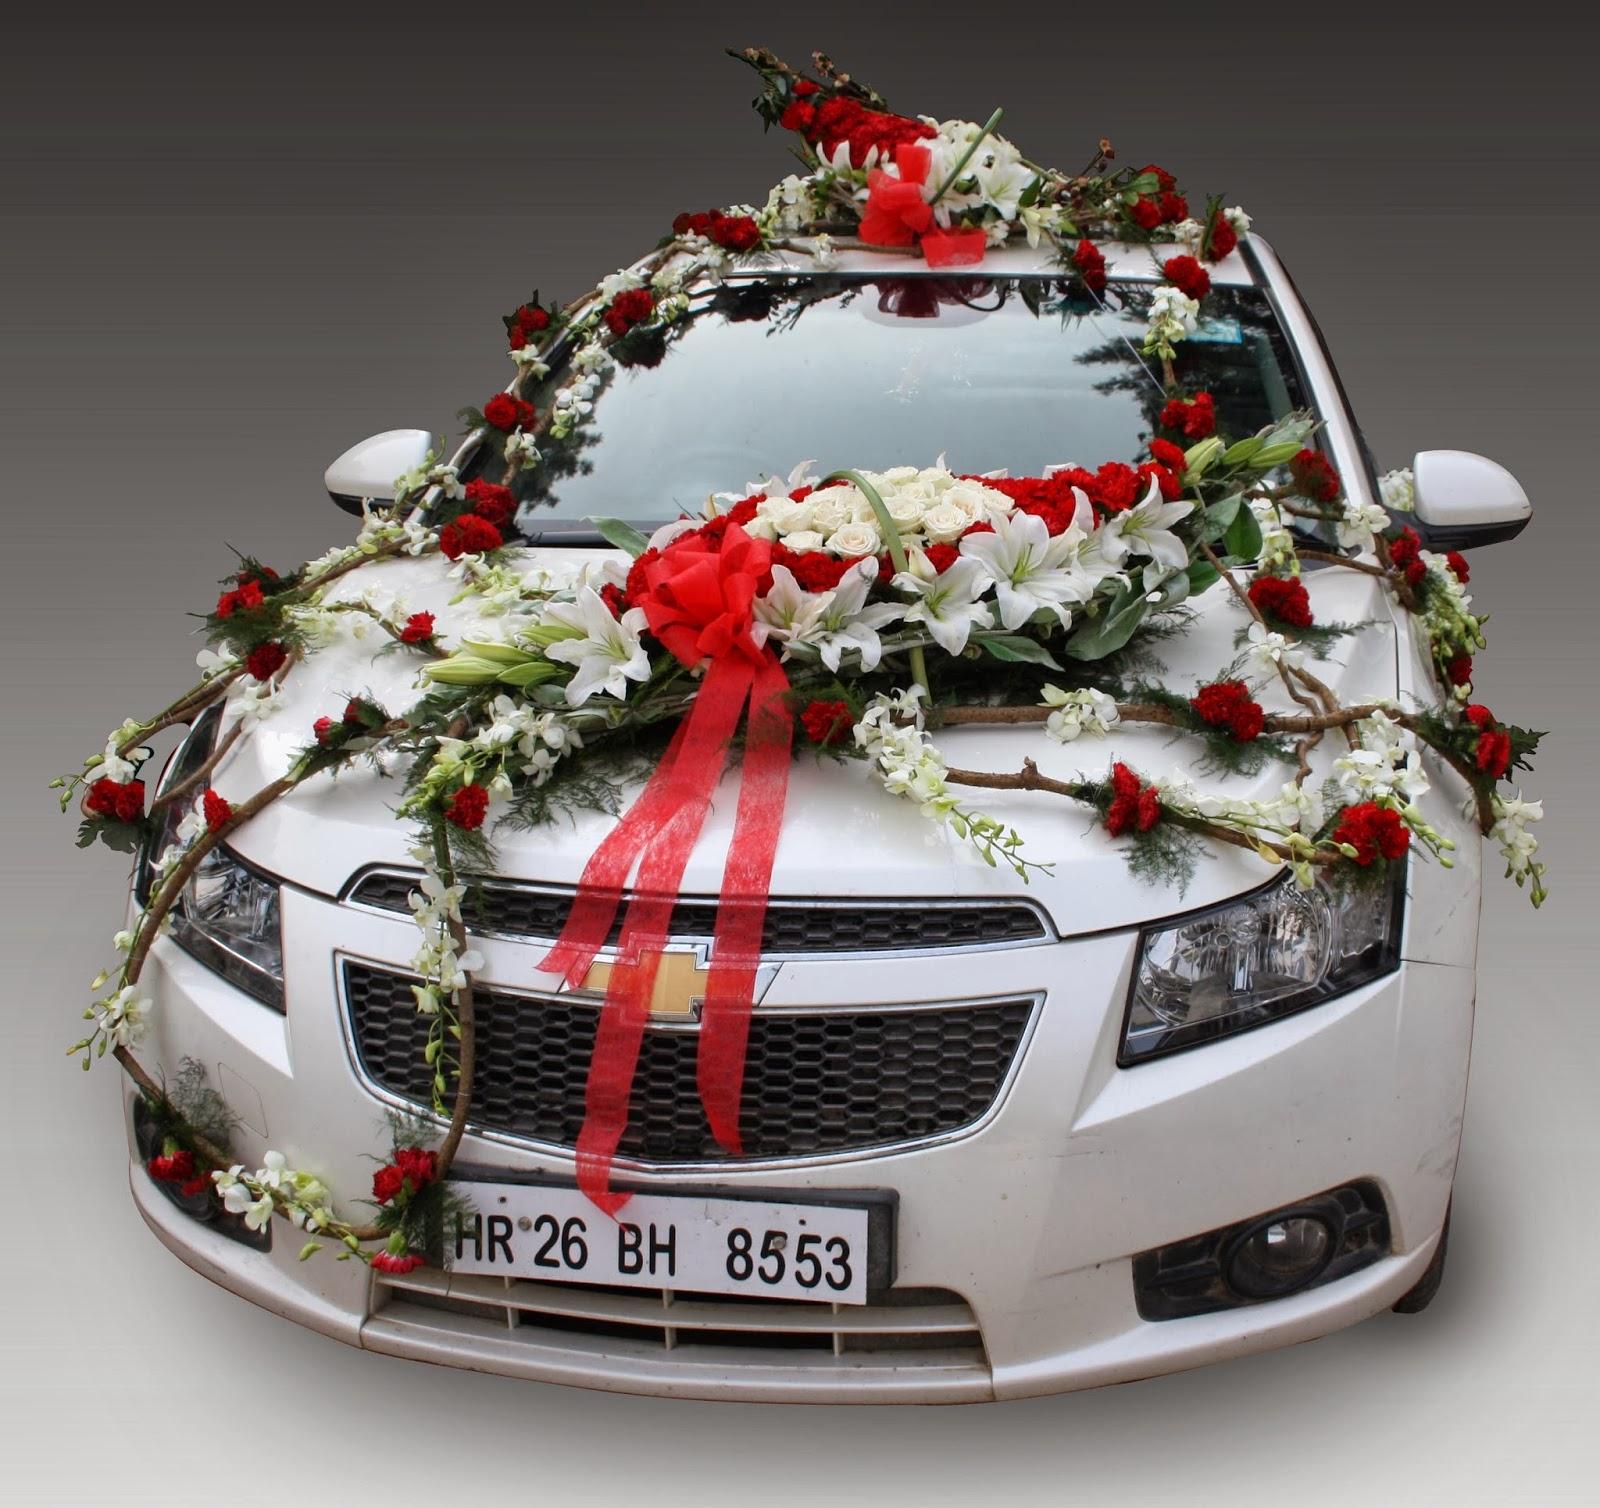 Toptenfashionnew indian wedding car - Wedding decorations for car ...